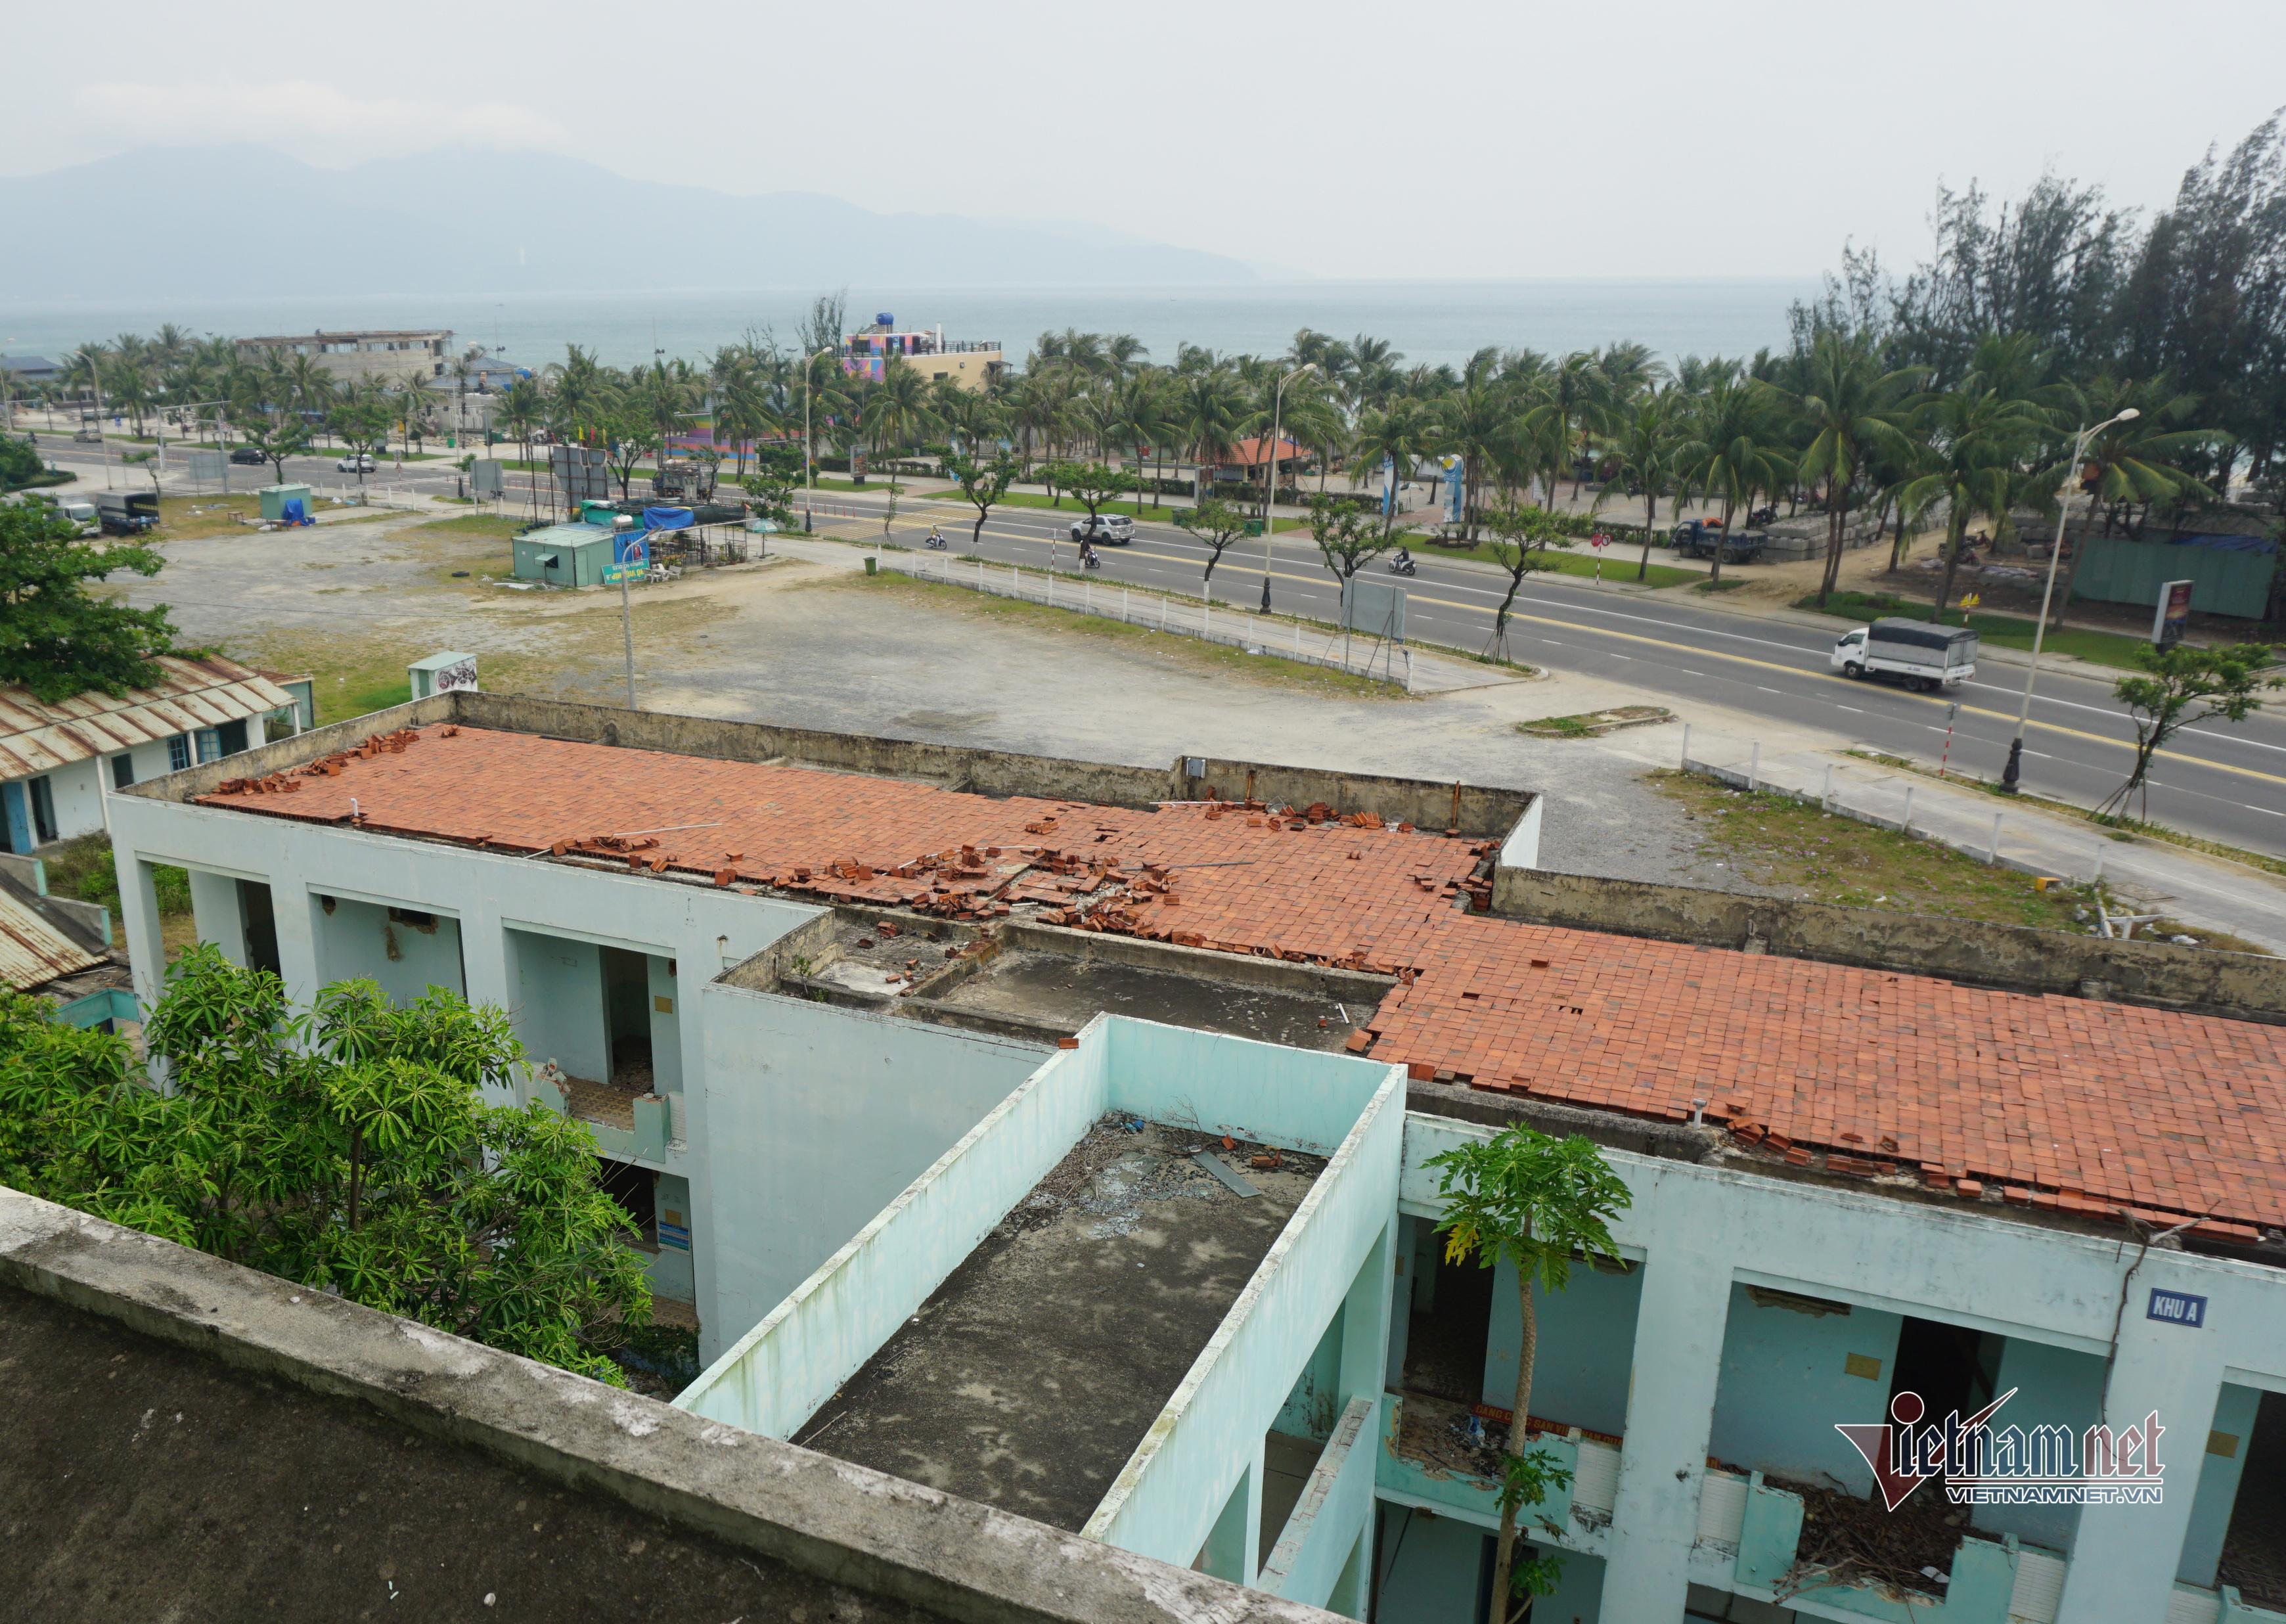 Giữa khu đất vàng Đà Nẵng bệnh viện bỏ hoang, thành nơi phóng uế, vẽ bậy